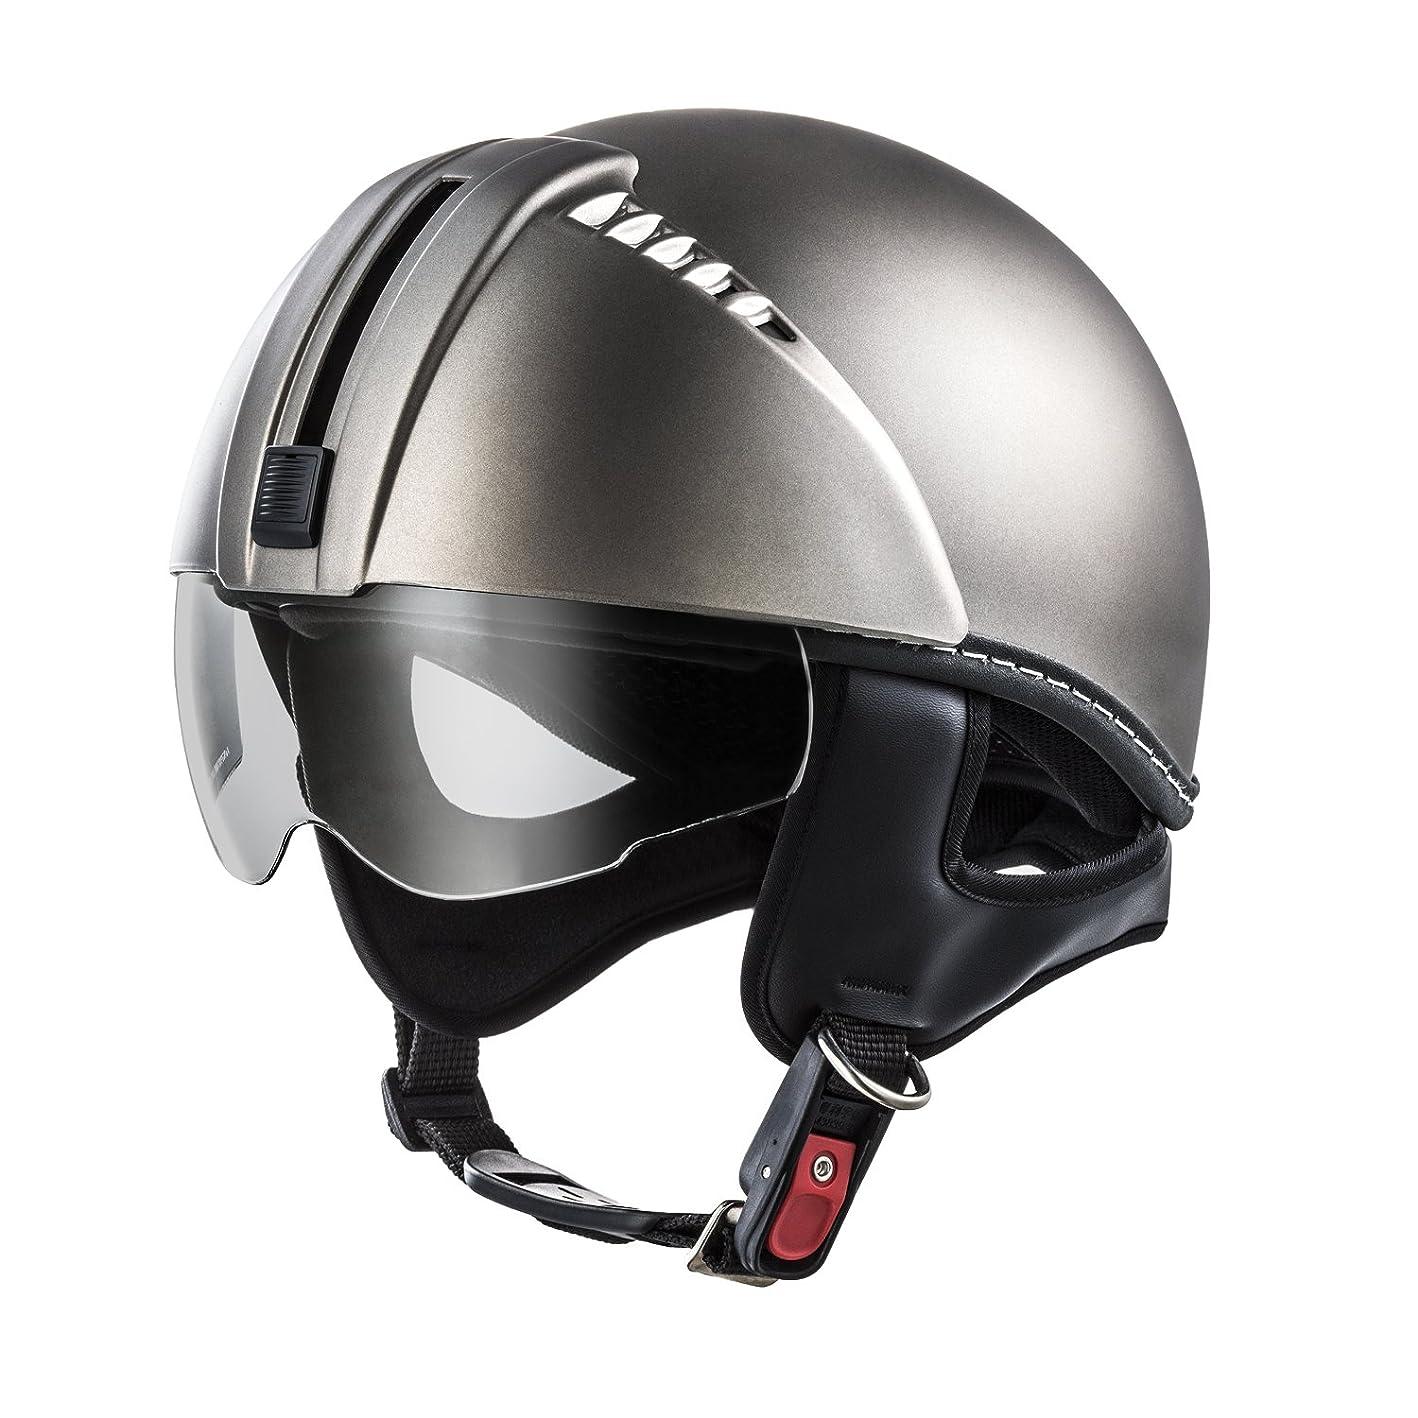 送信するチョップペットCEPTOO [ セプトゥー ] ヘルメット シールド収納ハンキャップ 57~60cm フリーサイズ (マット艶消しガンメタ)SH-106